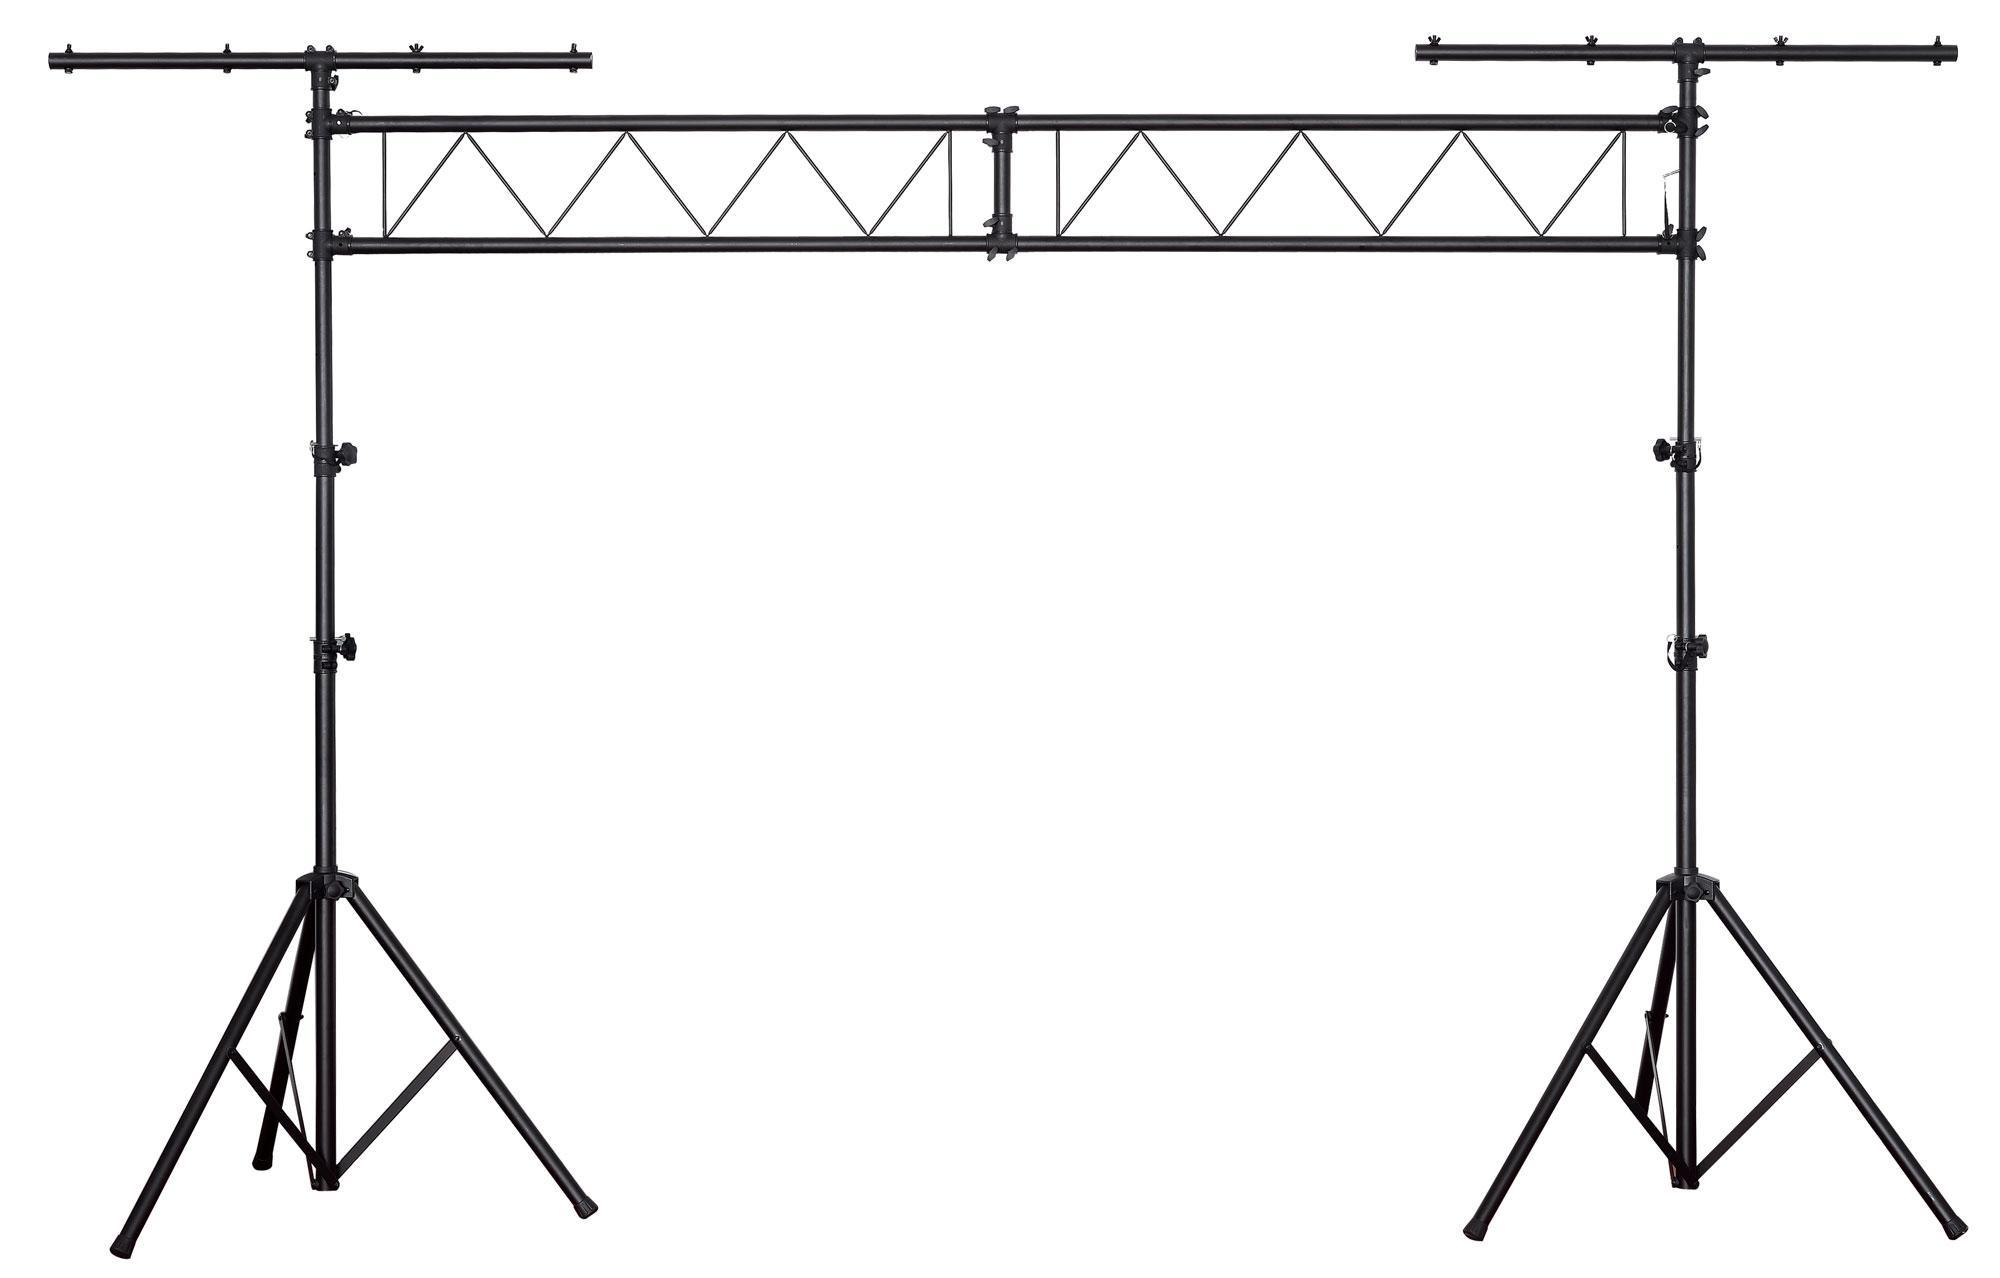 Showlite struttura luci 2 traverse e 2 supporti luci